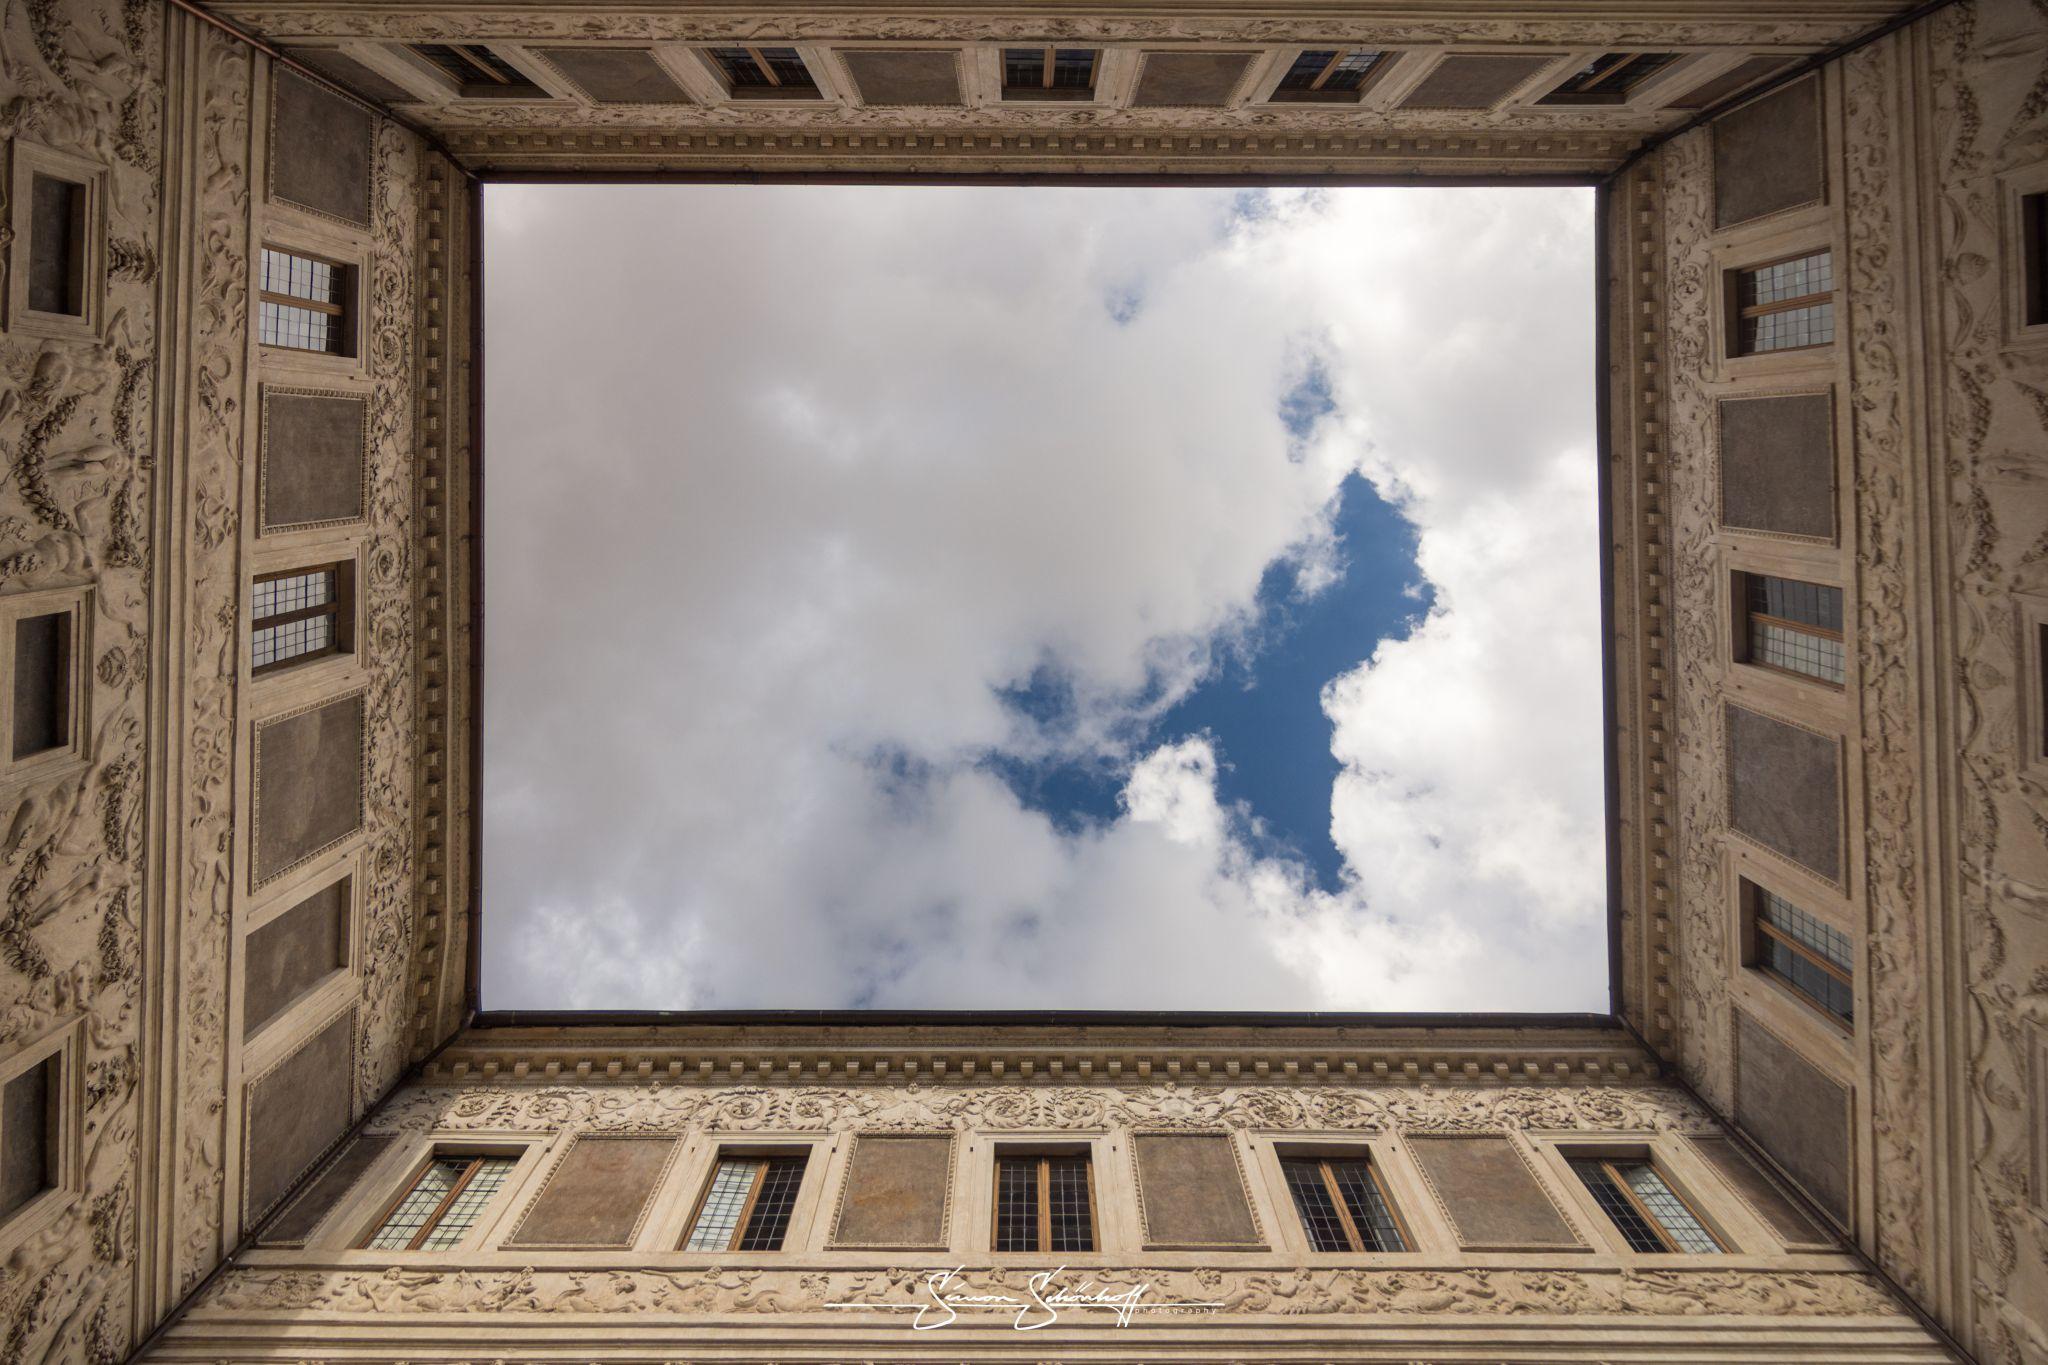 Palazzo Spada, Italy